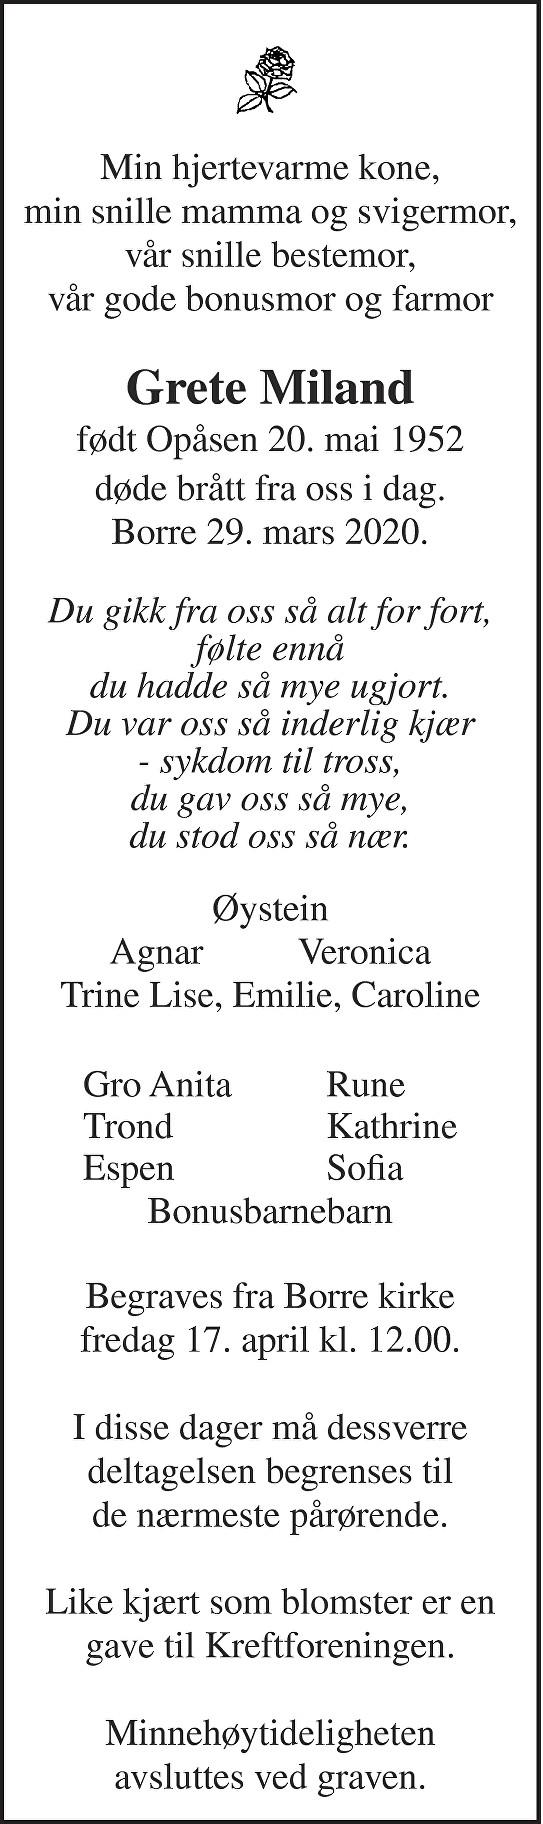 Grete Miland Dødsannonse